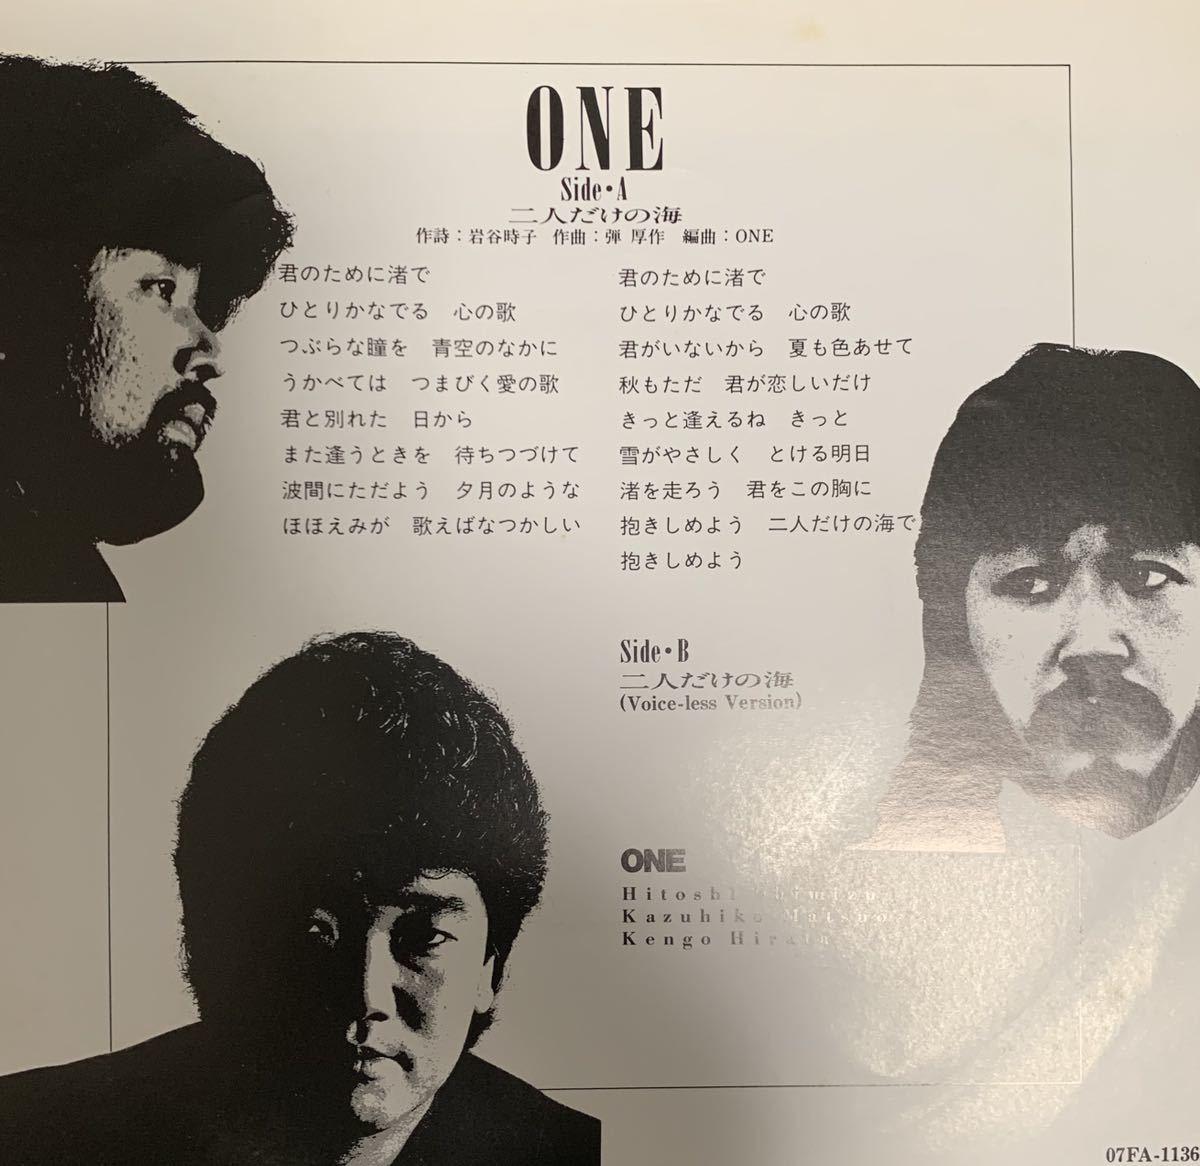 【EP】【7インチレコード】激レア 87年 非売品 見本盤 ONE / 二人だけの海 CD移行期 和モノ_画像3